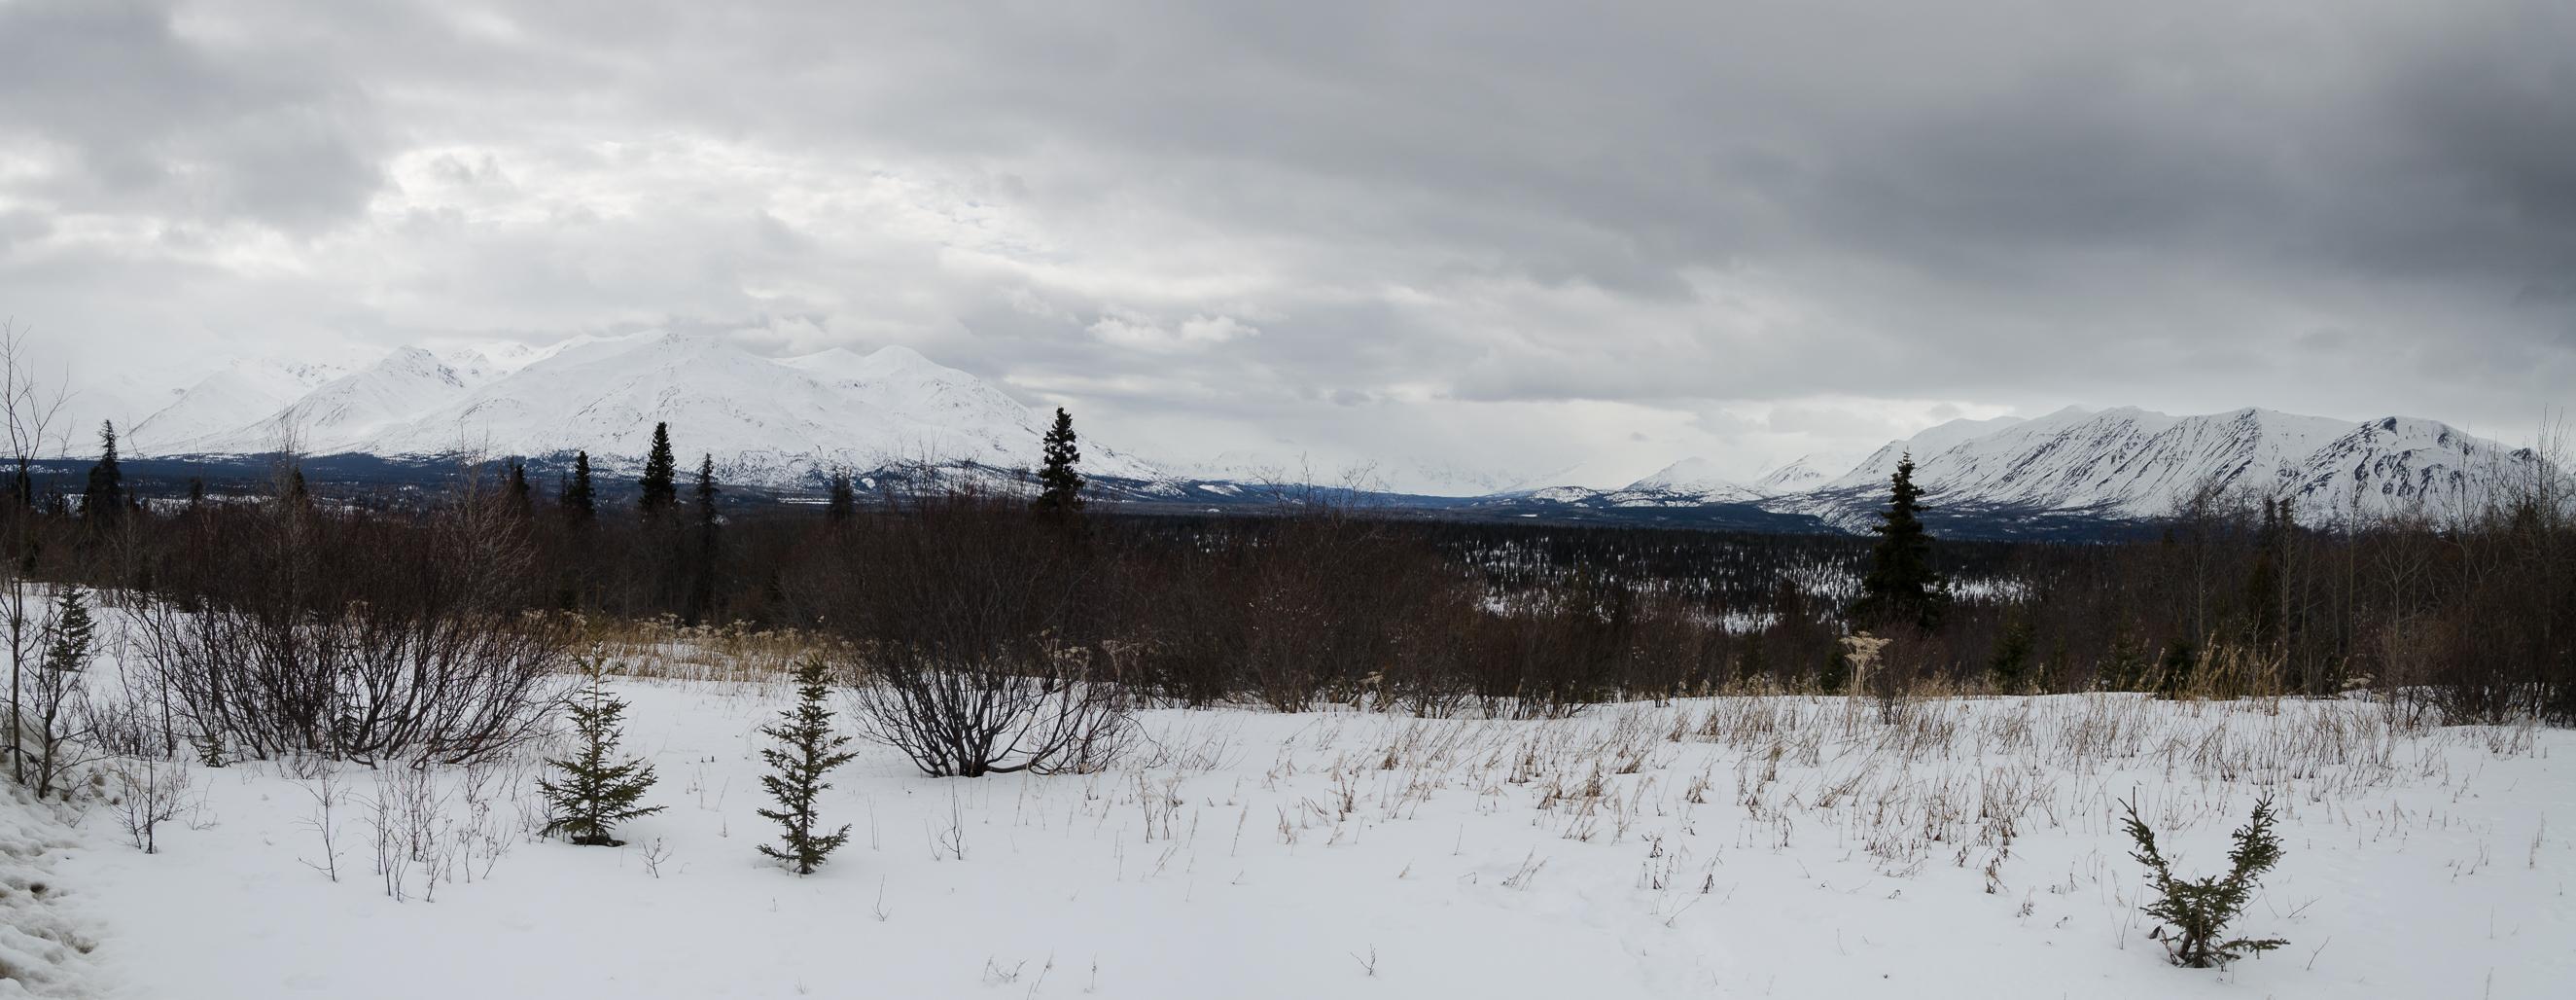 DSC_0816-Panorama